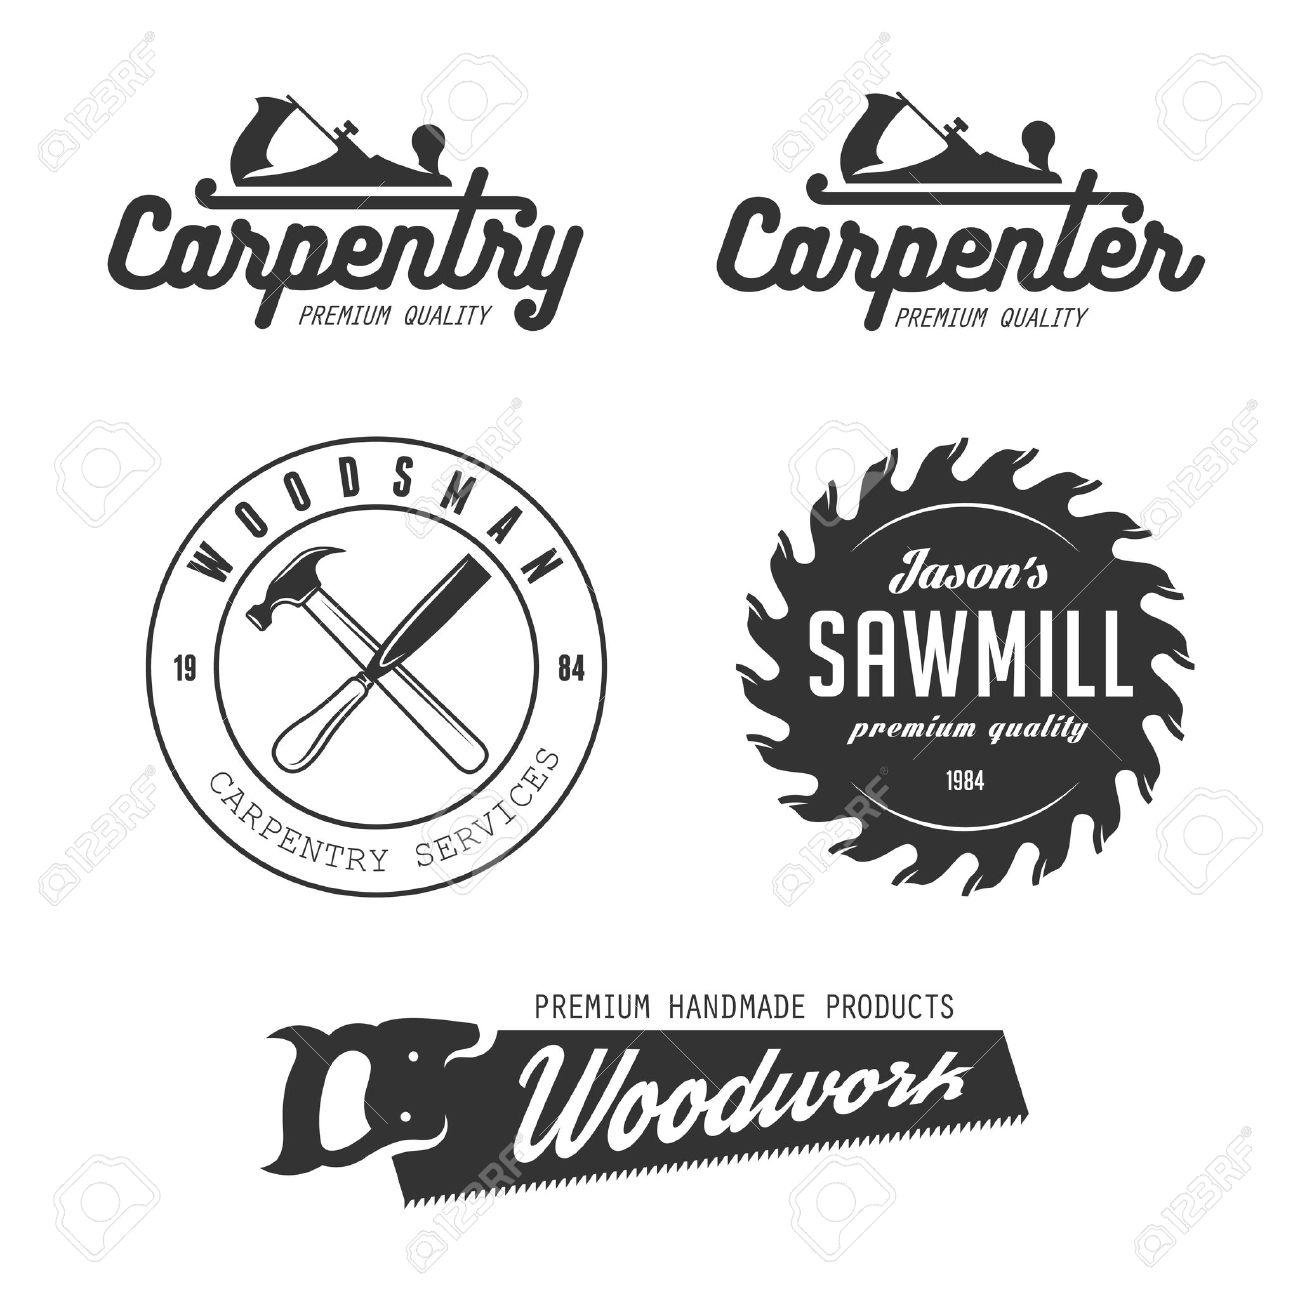 Carpenter Design Elements In Vintage Style For Logo Label Badge